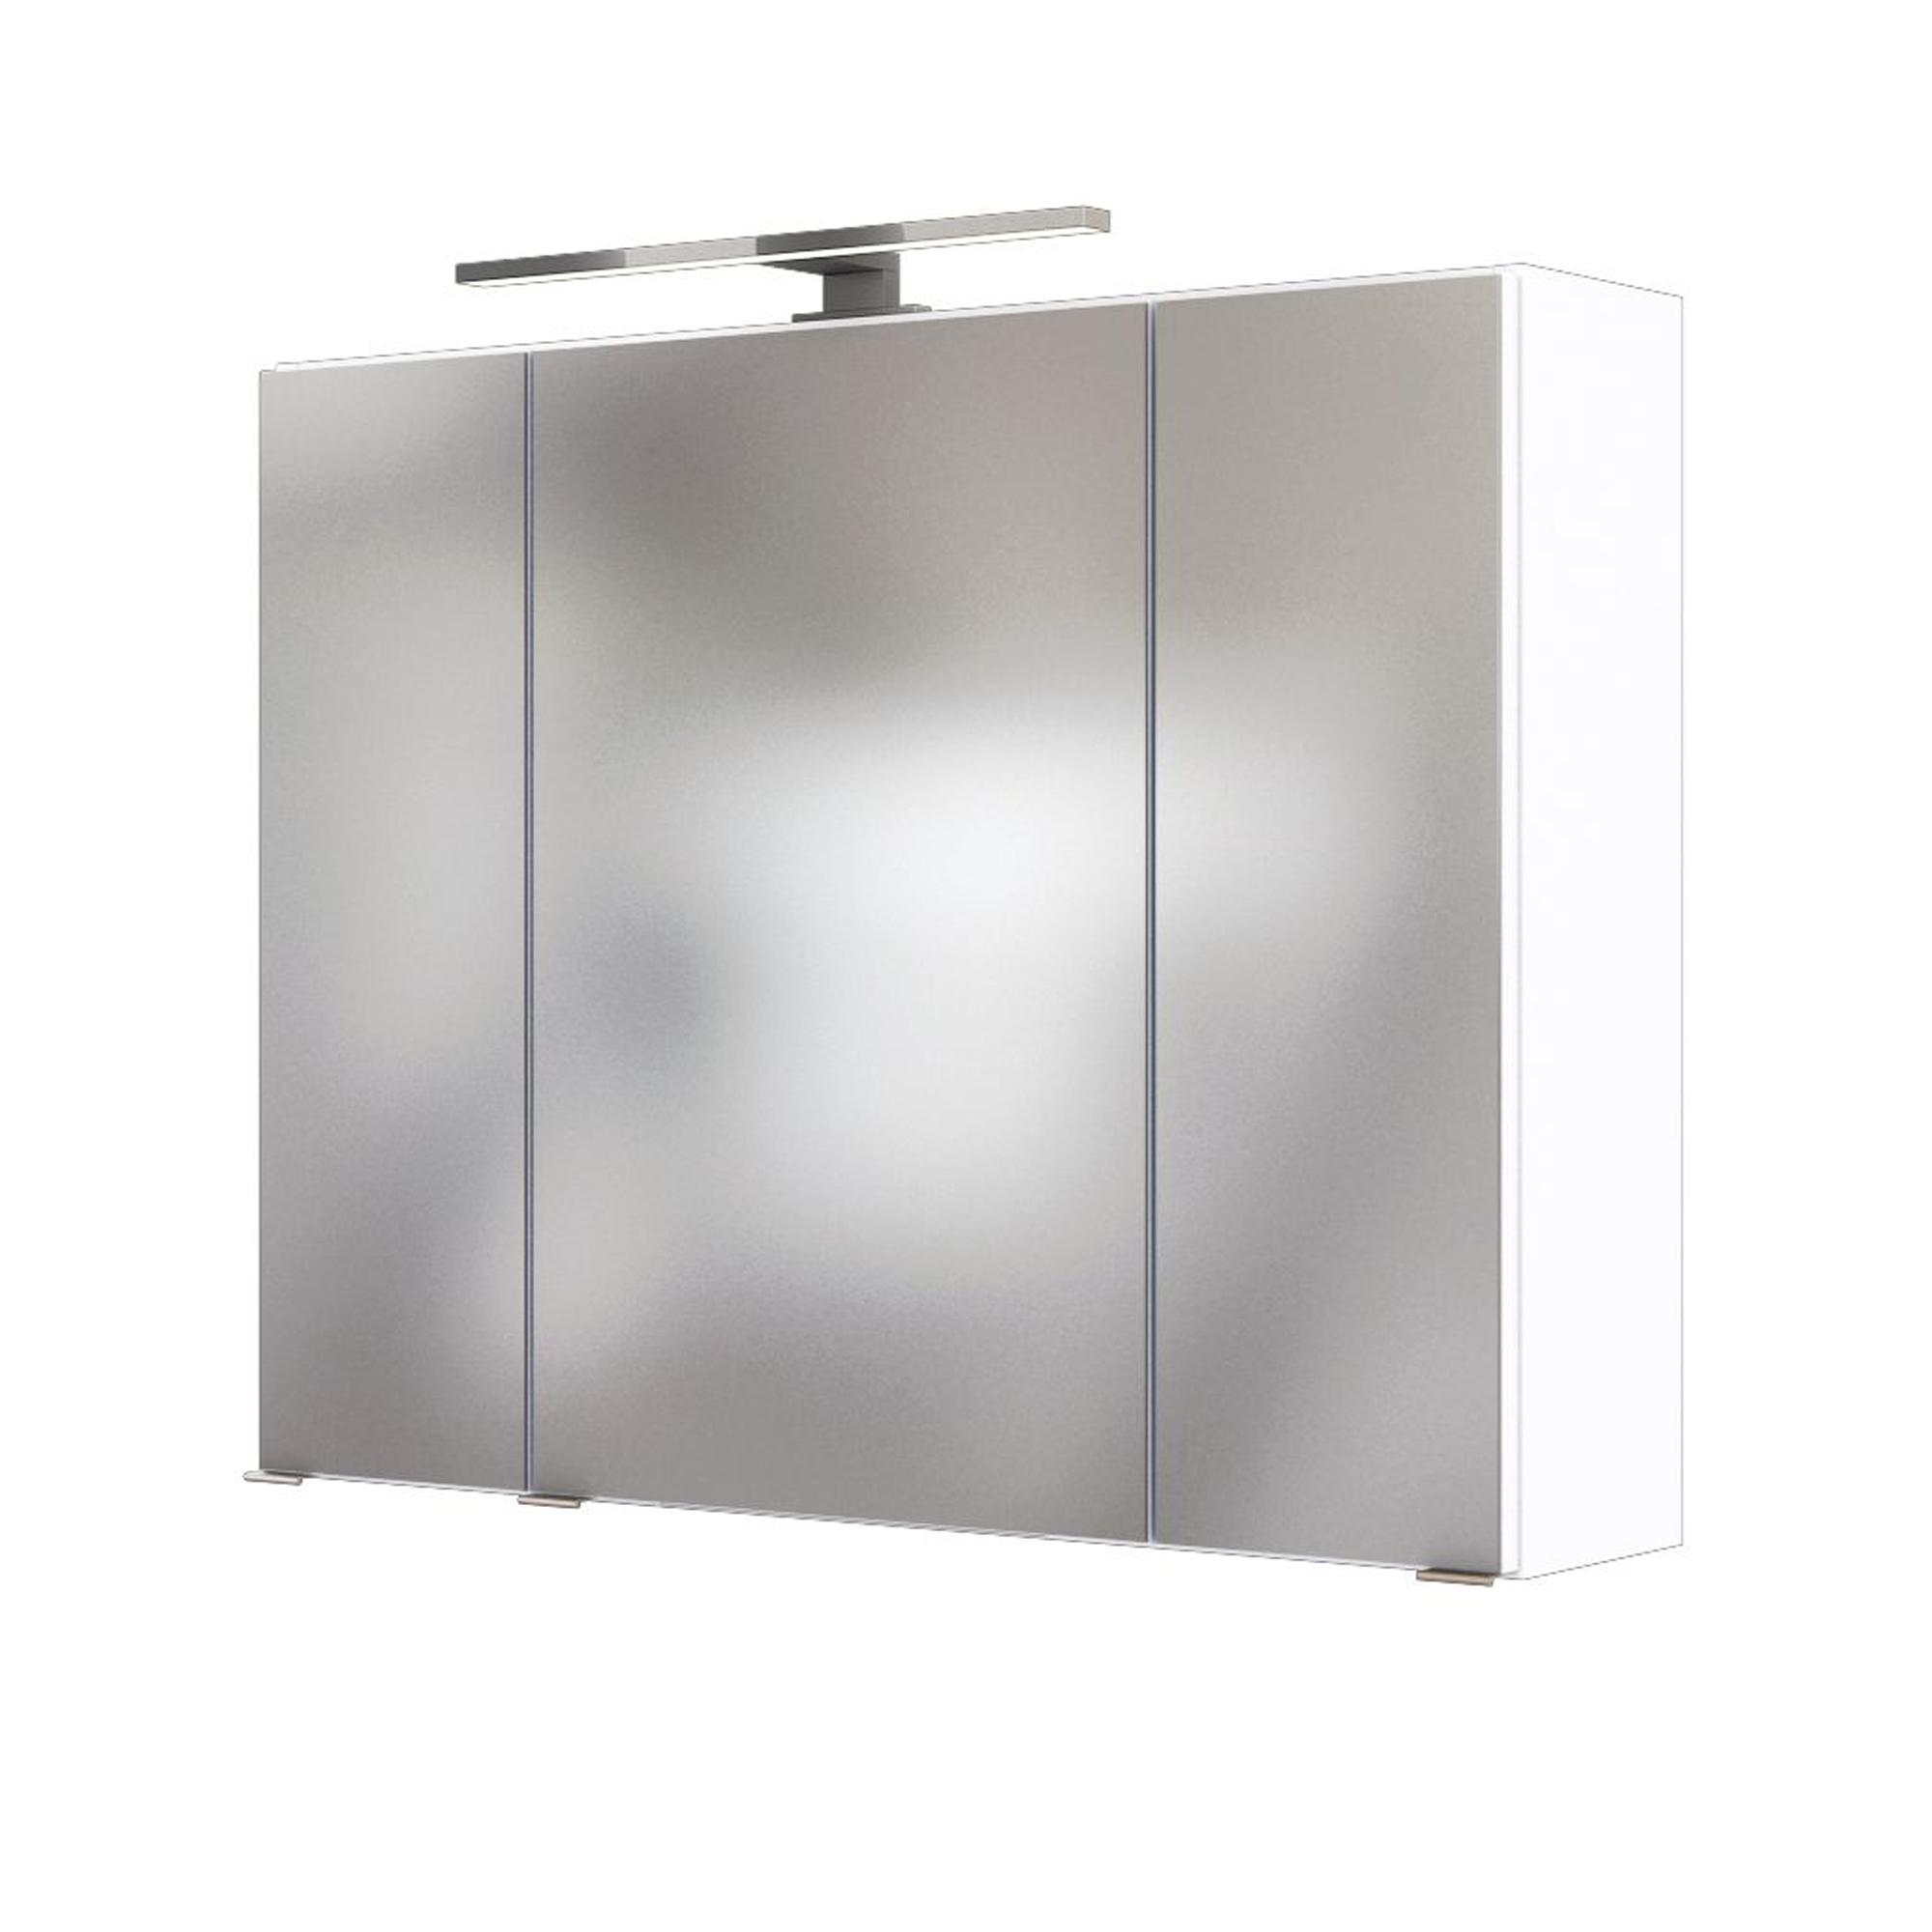 Bad Spiegelschrank 3 Turig Mit Beleuchtung 80 Cm Breit Weiss Einrichtung Fur Jeden Geschmack Bei Moebel Guenstig De